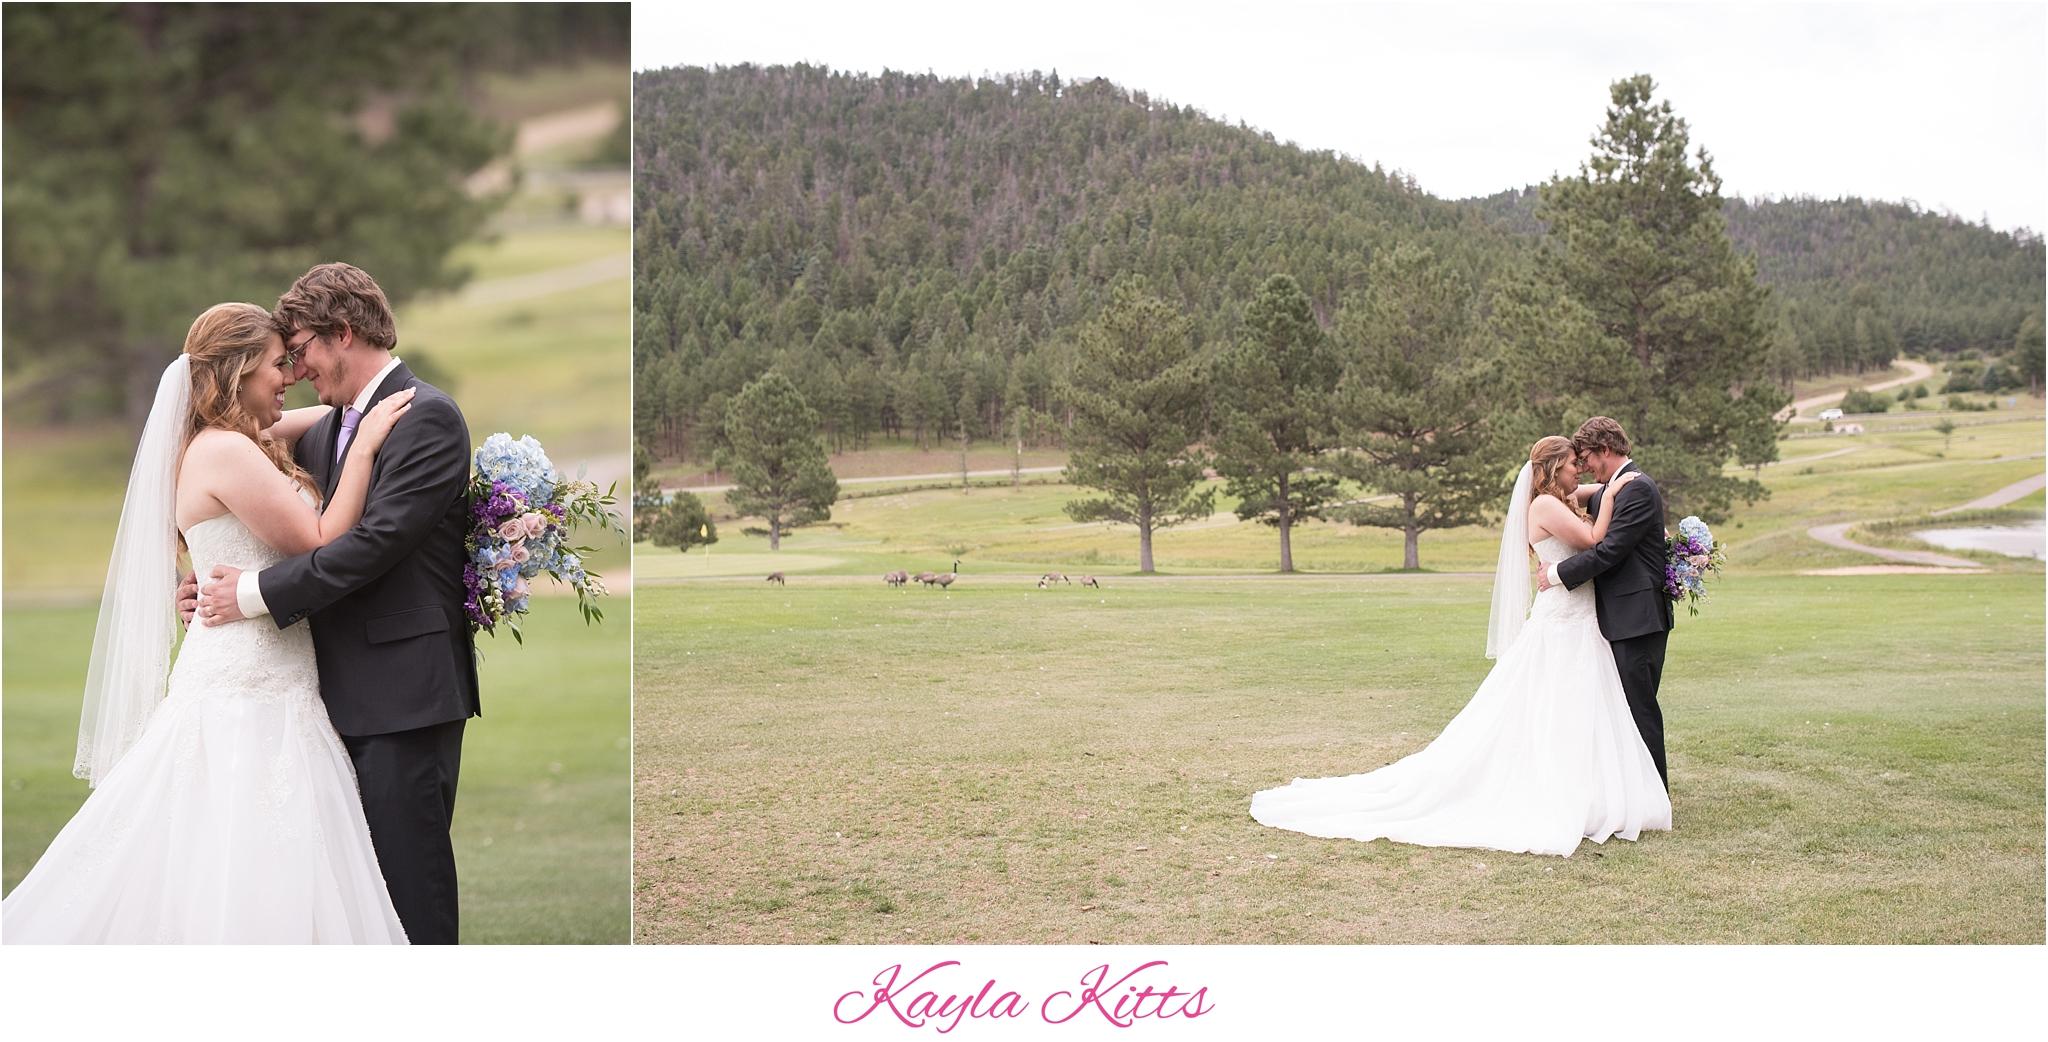 kayla kitts photography - albuquerque wedding photographer - angel fire wedding photographer - angel fire country club - albuquerque venue - casa de suenos - hotel albuquerque wedding - new mexico wedding photographer_0018.jpg